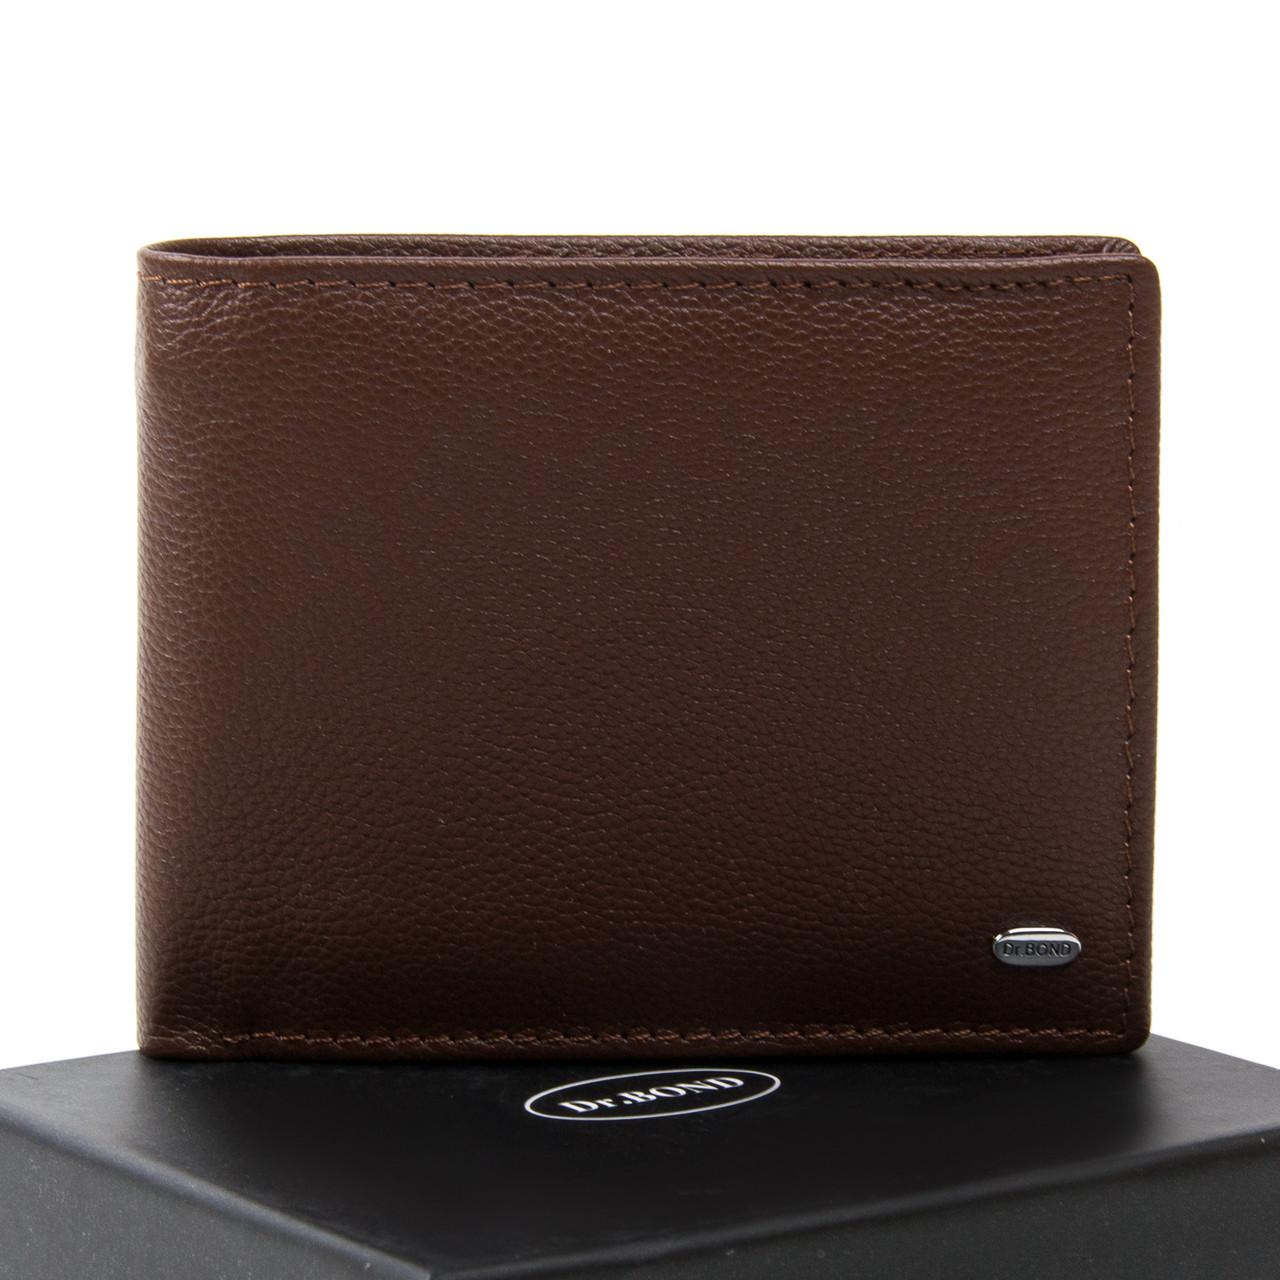 Мужской кошелек Classic кожа DR. BOND MSM-5 коричневый